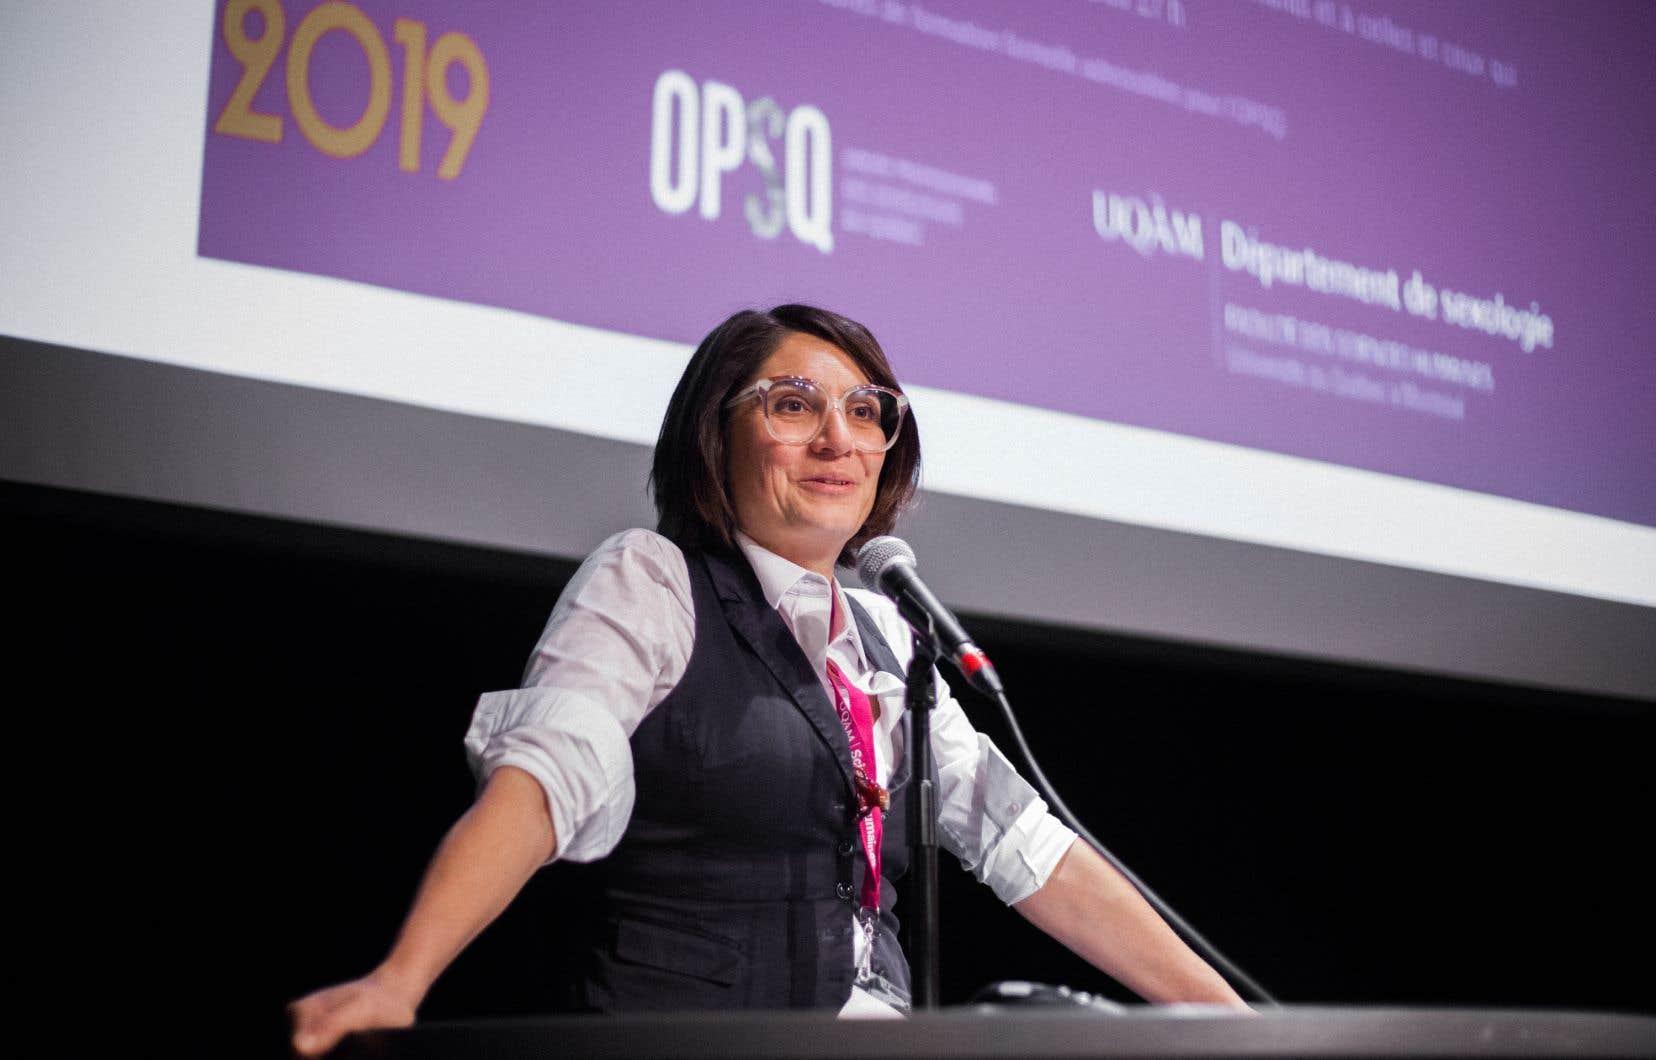 Les 50 ans de la sexologie à l'UQAM ont été soulignés lors d'un congrès en novembre dernier. La professeure Denise Medico a animé le panel de discussion.